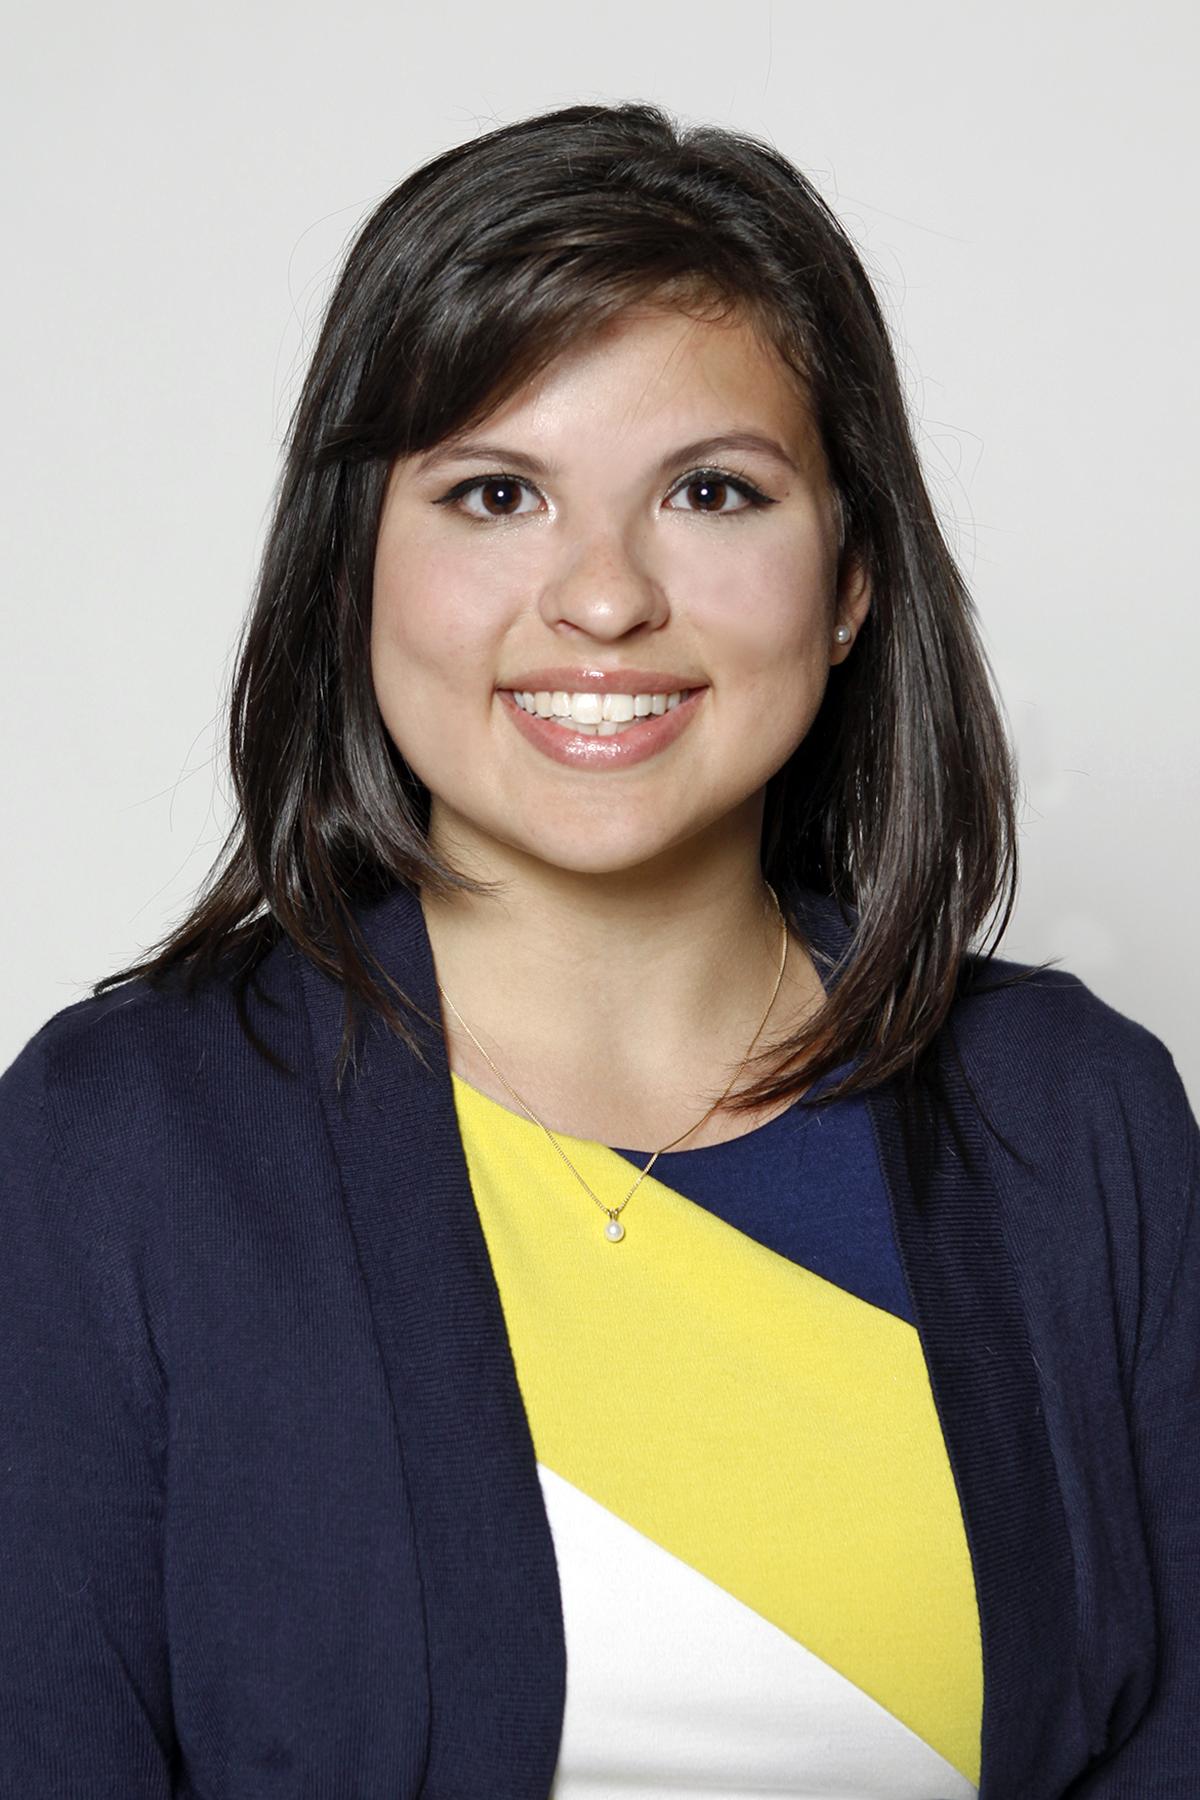 Courtney Chesanek